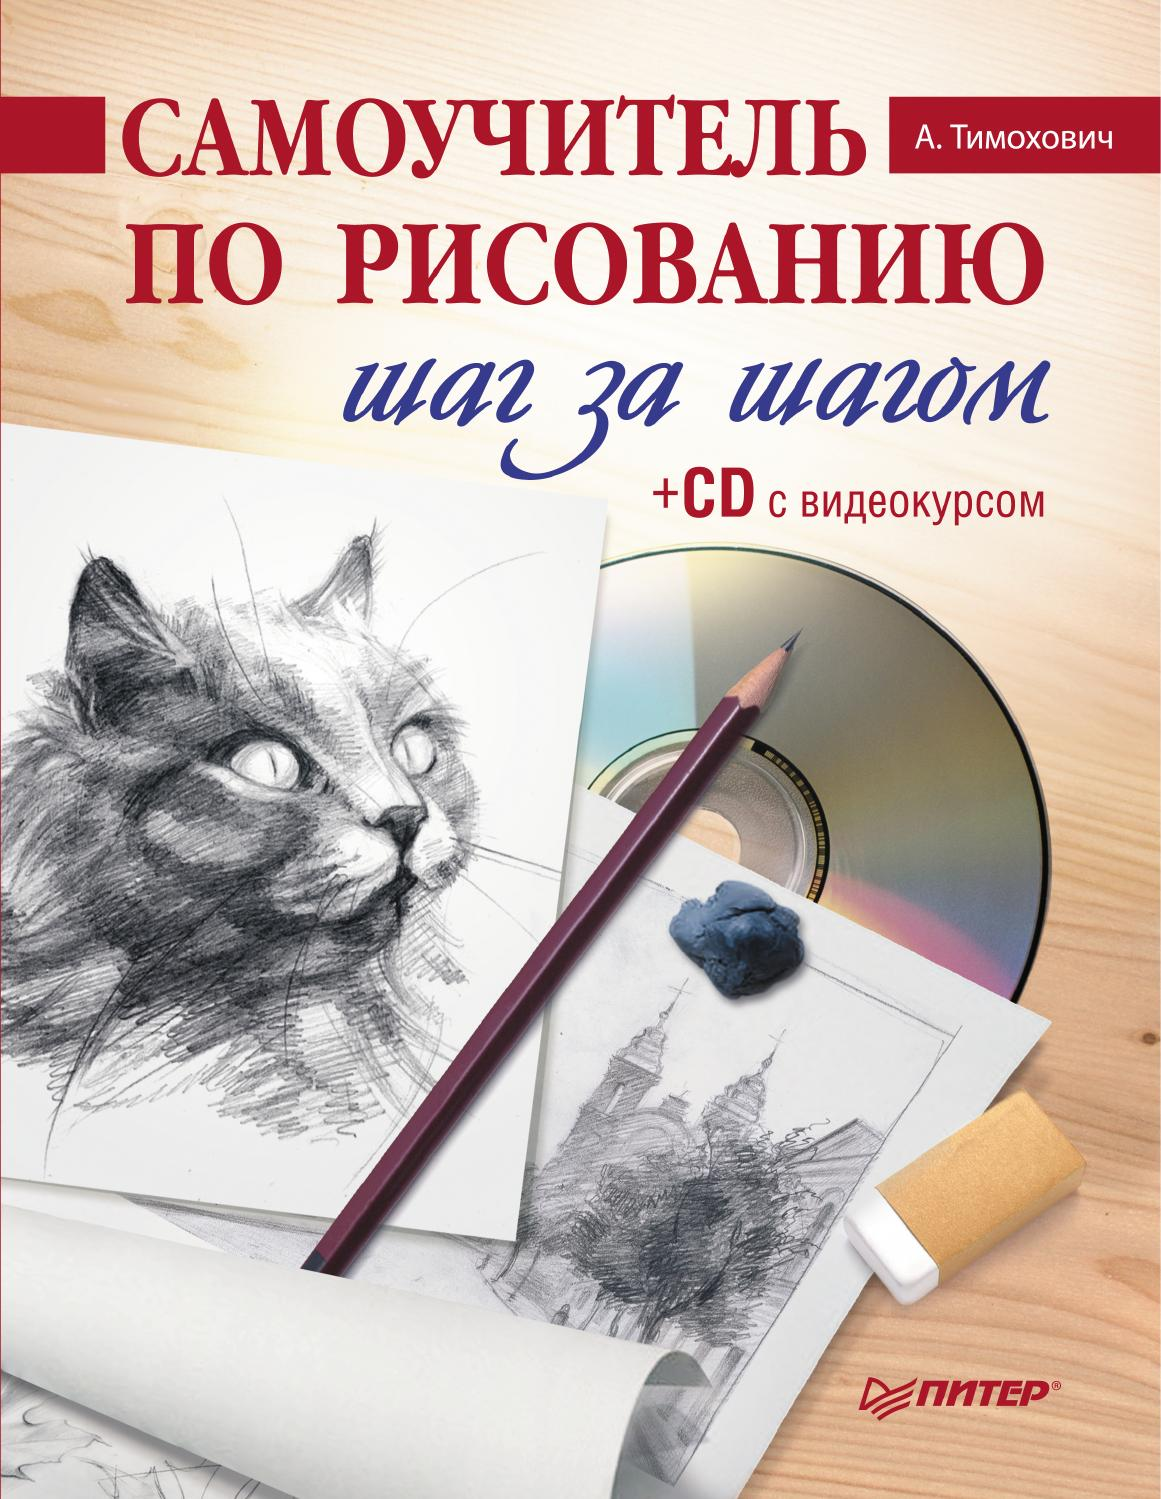 очень книги уроков по рисованию карандашом открытки прикольные